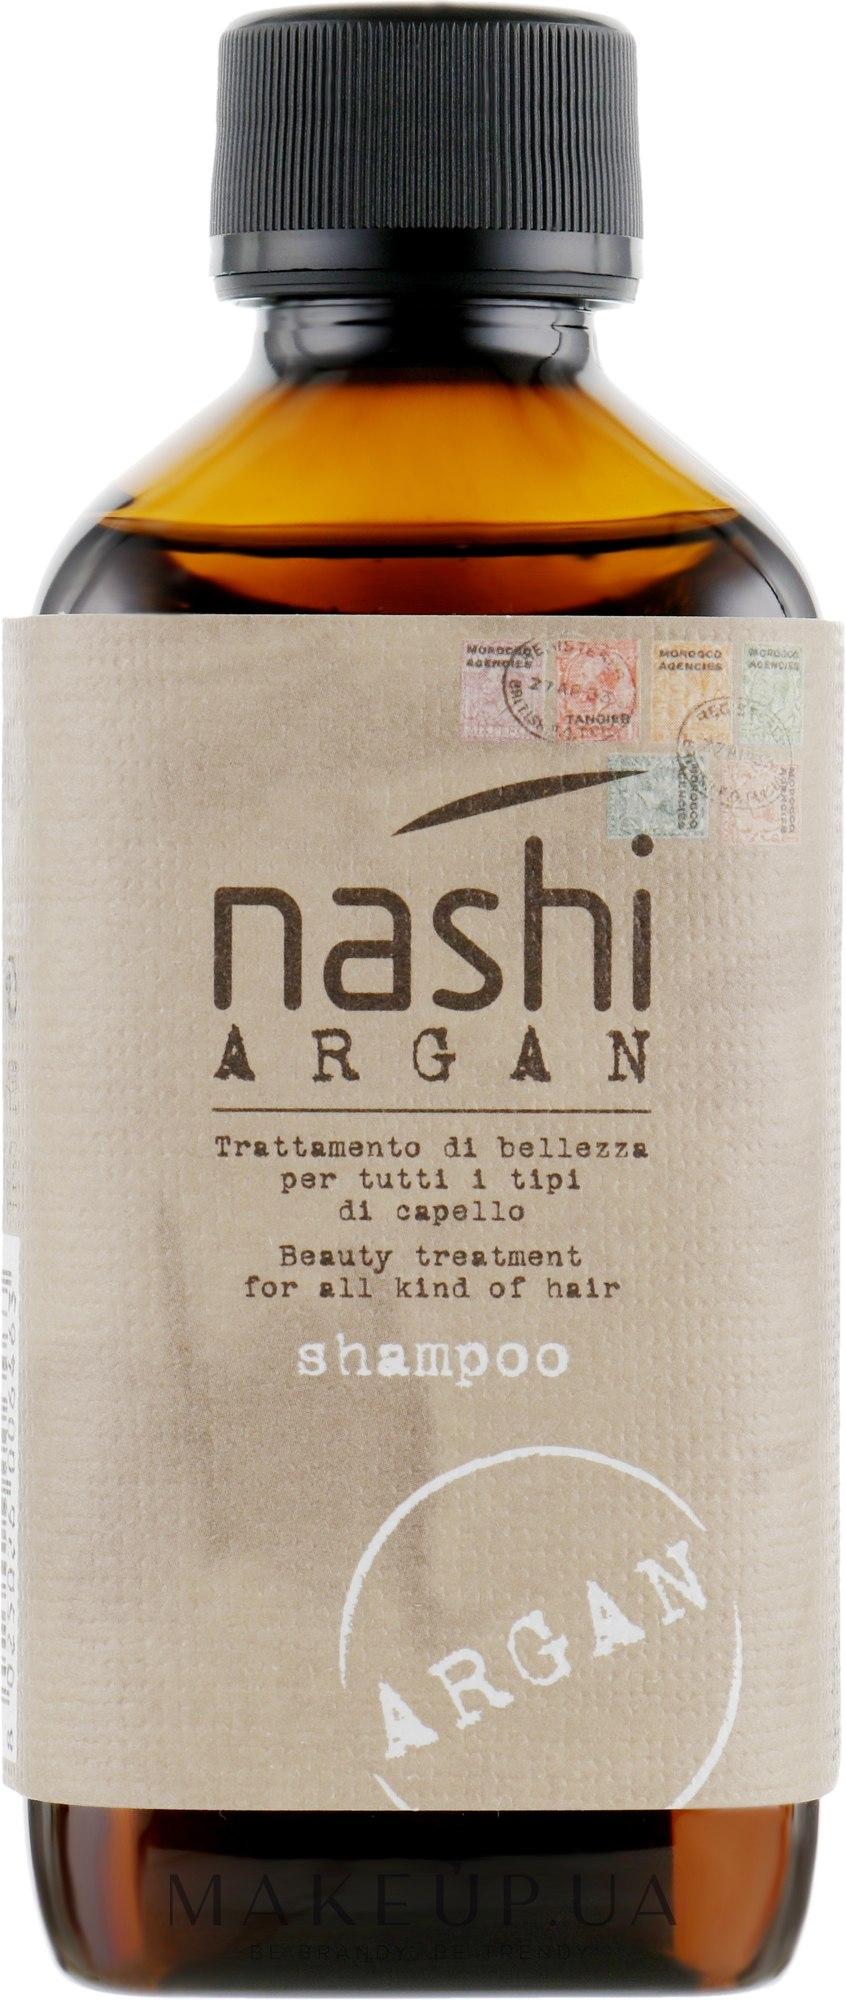 Шампунь для всех типов волос Nashi Argan Classic Shampoo 200ml 0 - Фото 1